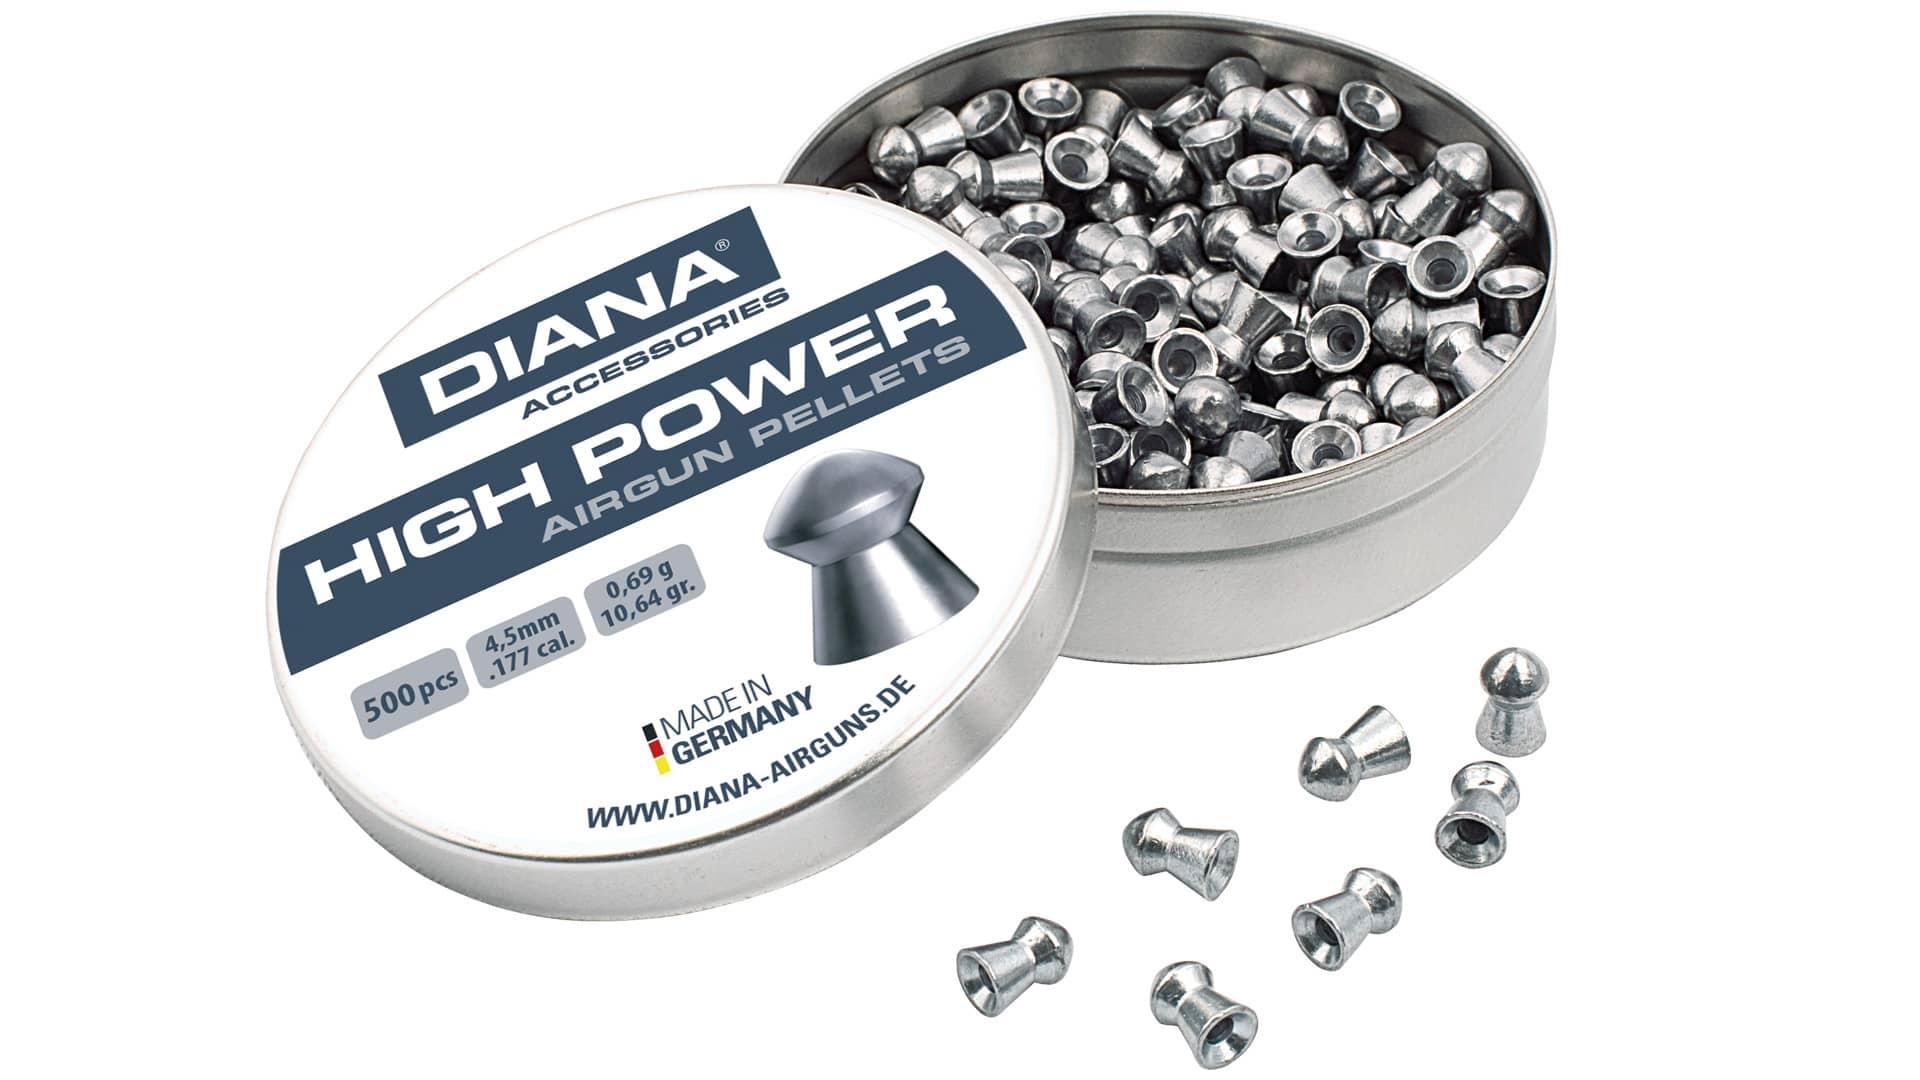 Diana High Power Hagl, 500 Stk, 4,5mm(.177)